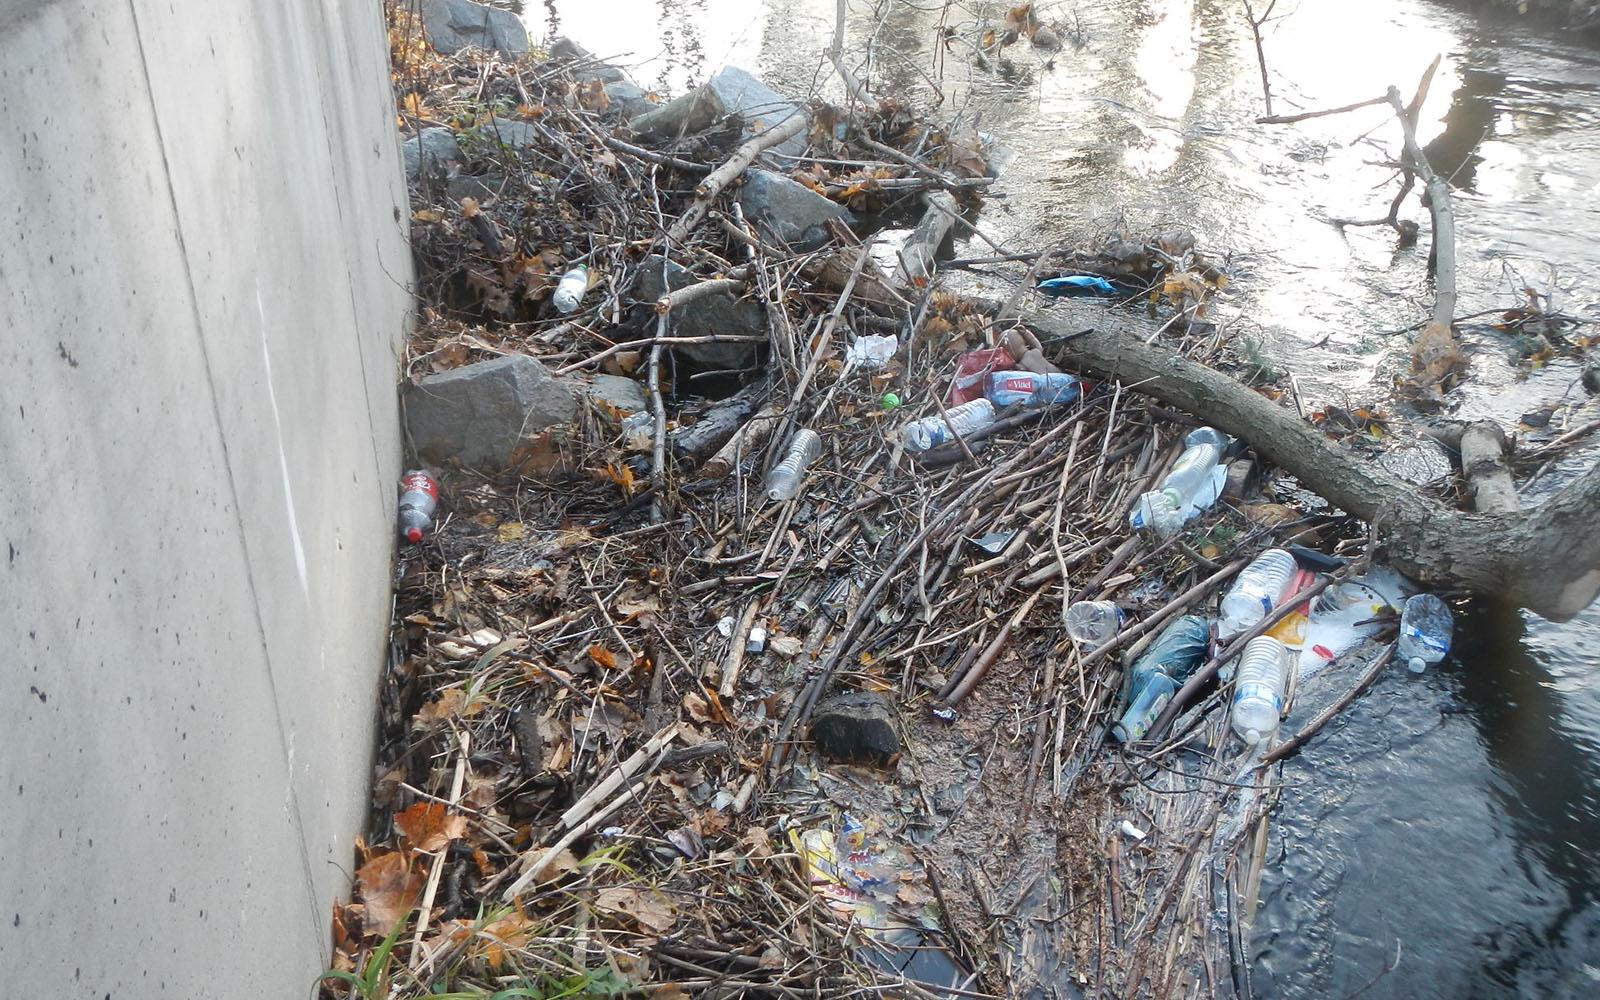 Amas de déchets dans un cours d′eau